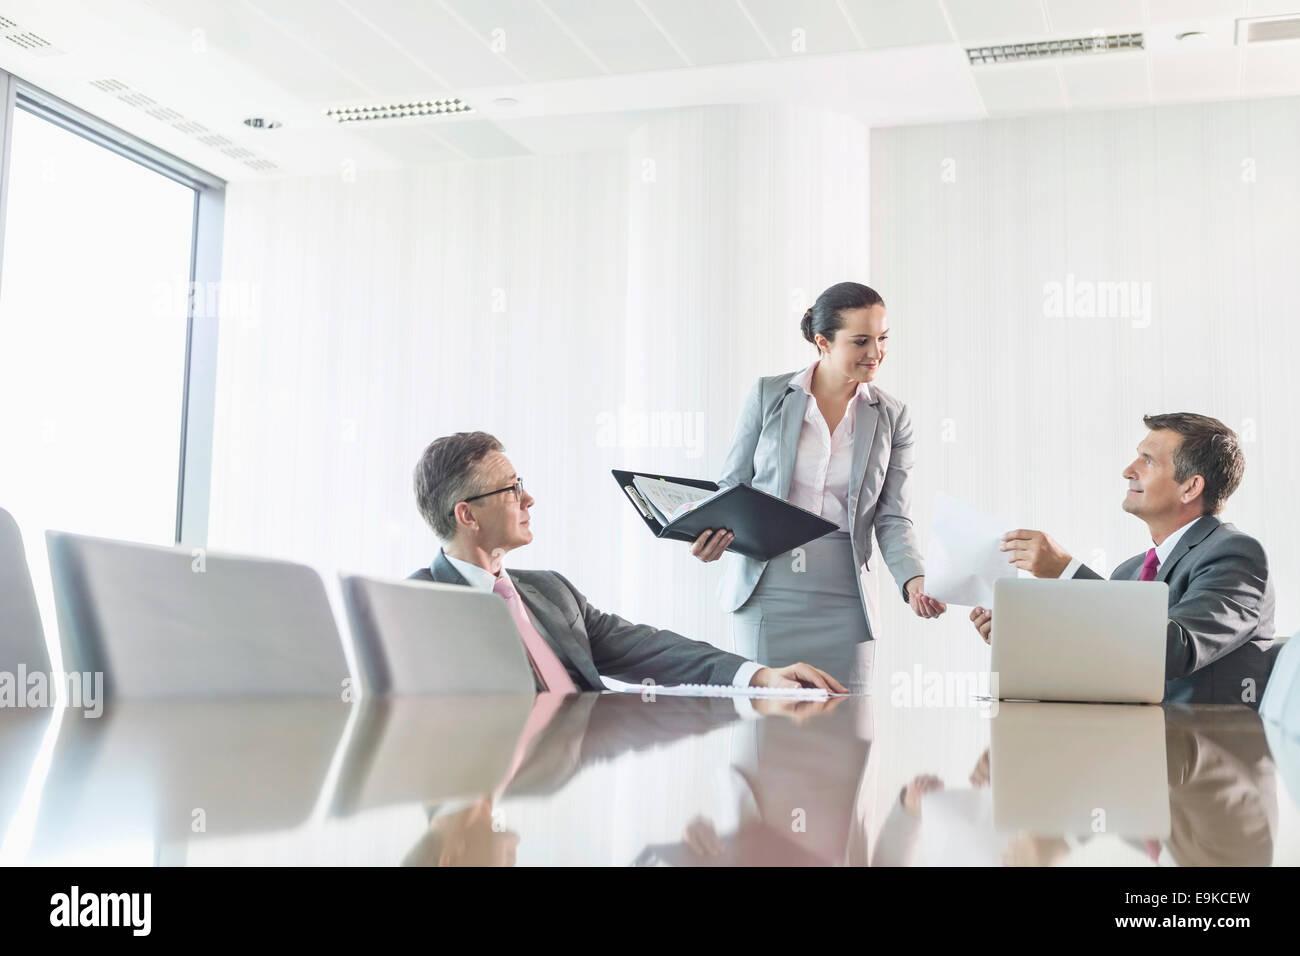 Imagen recortada de la empresaria utilizando Copy Machine en Office Imagen De Stock